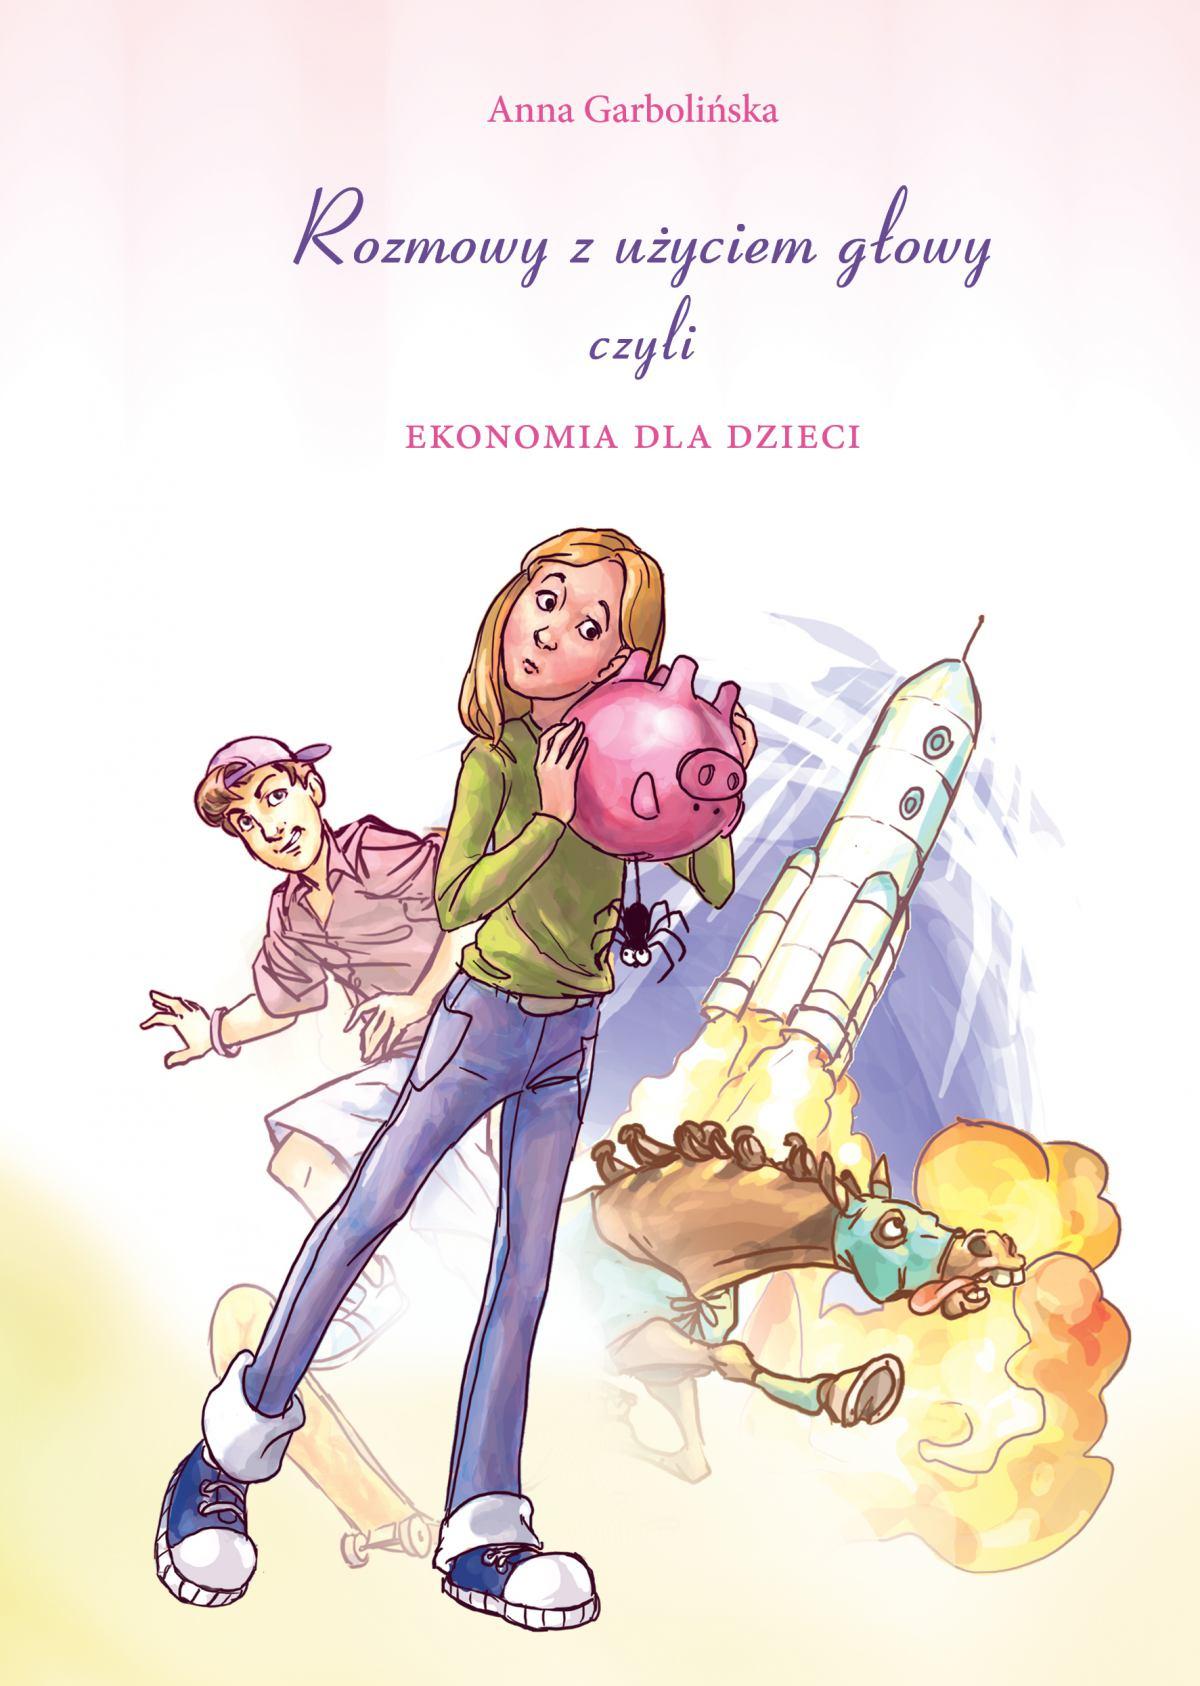 Rozmowy z użyciem głowy, czyli ekonomia dla dzieci - Ebook (Książka EPUB) do pobrania w formacie EPUB